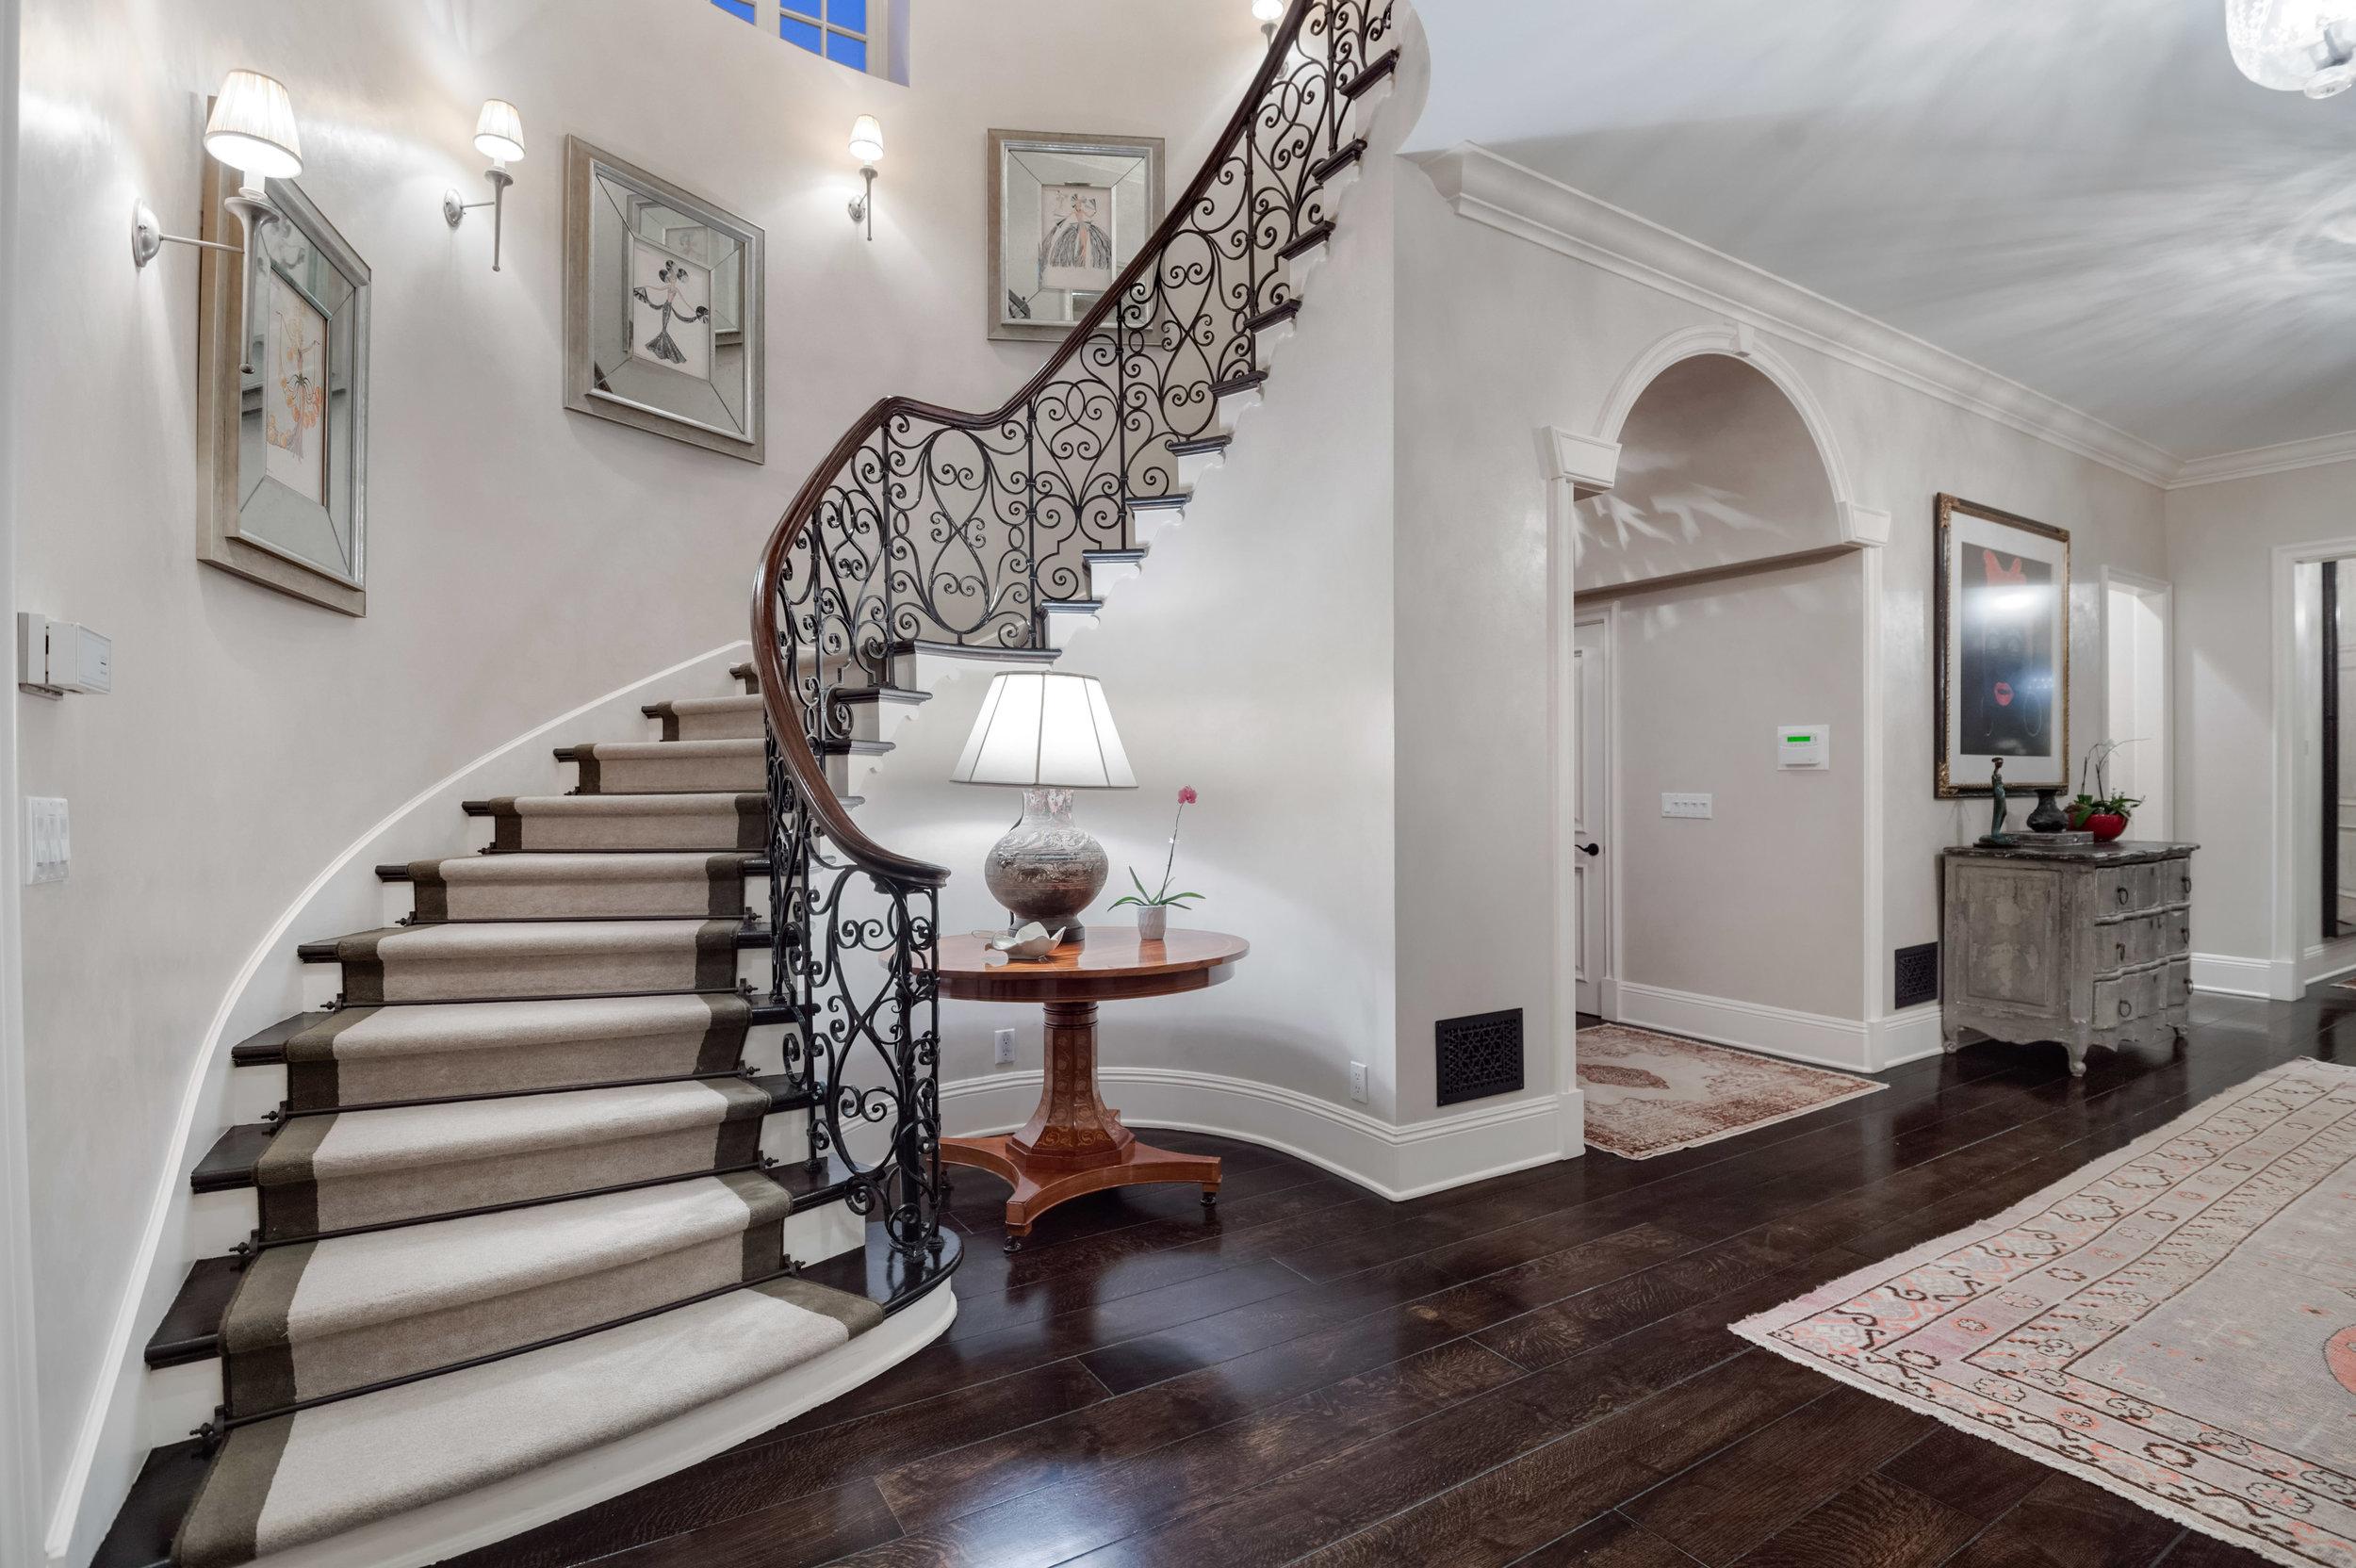 016_stairs2.jpg